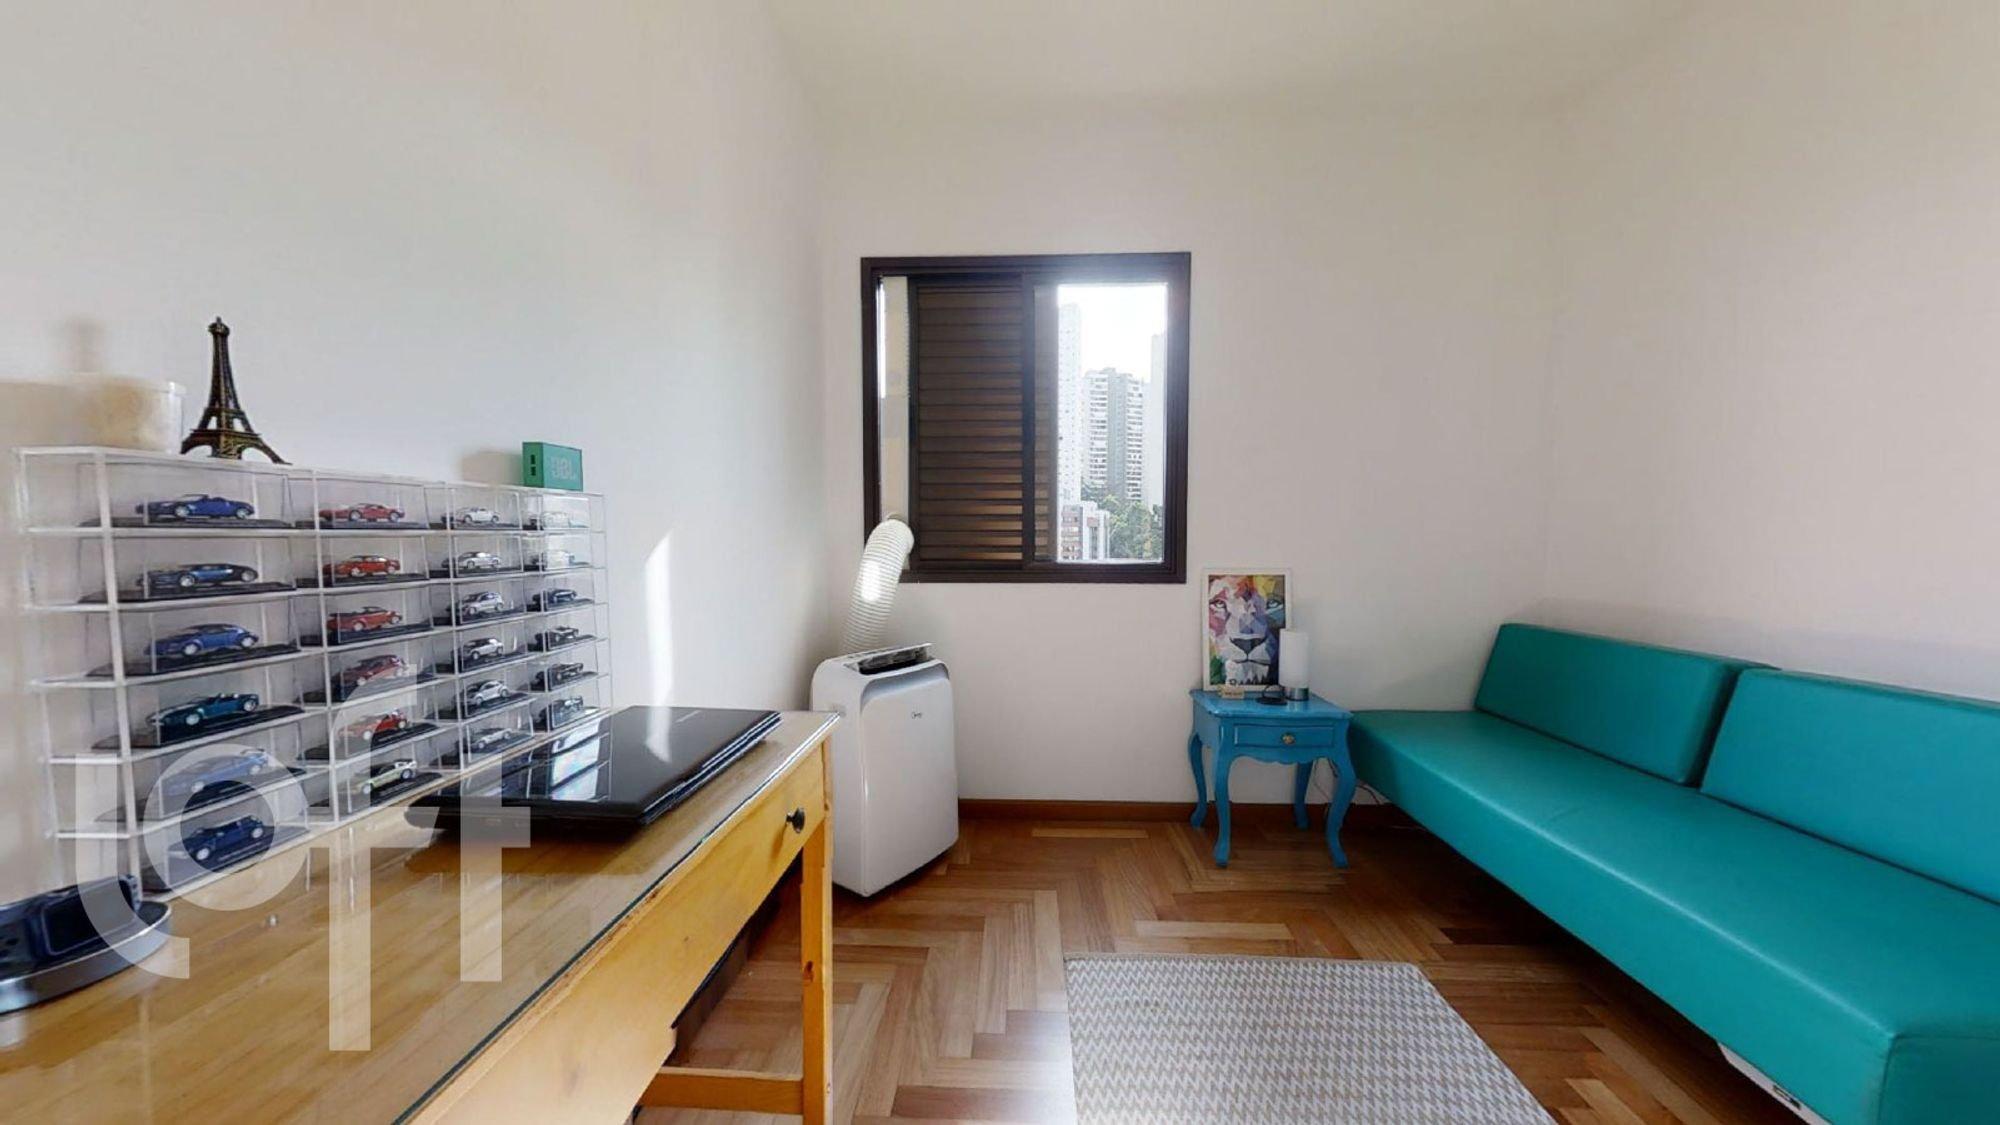 Foto de Sala com sofá